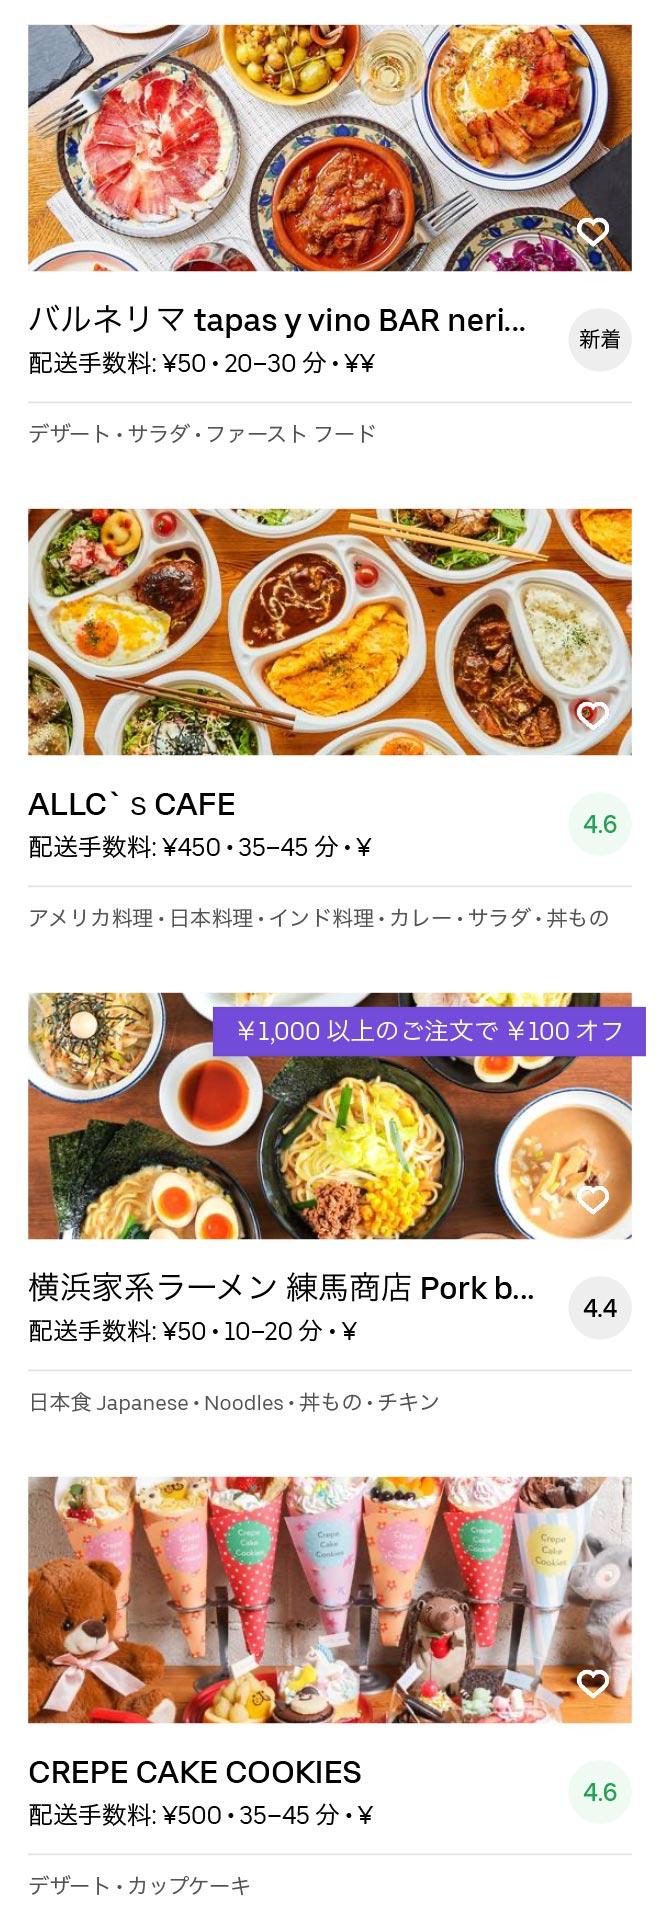 Tokyo nerima menu 2005 02